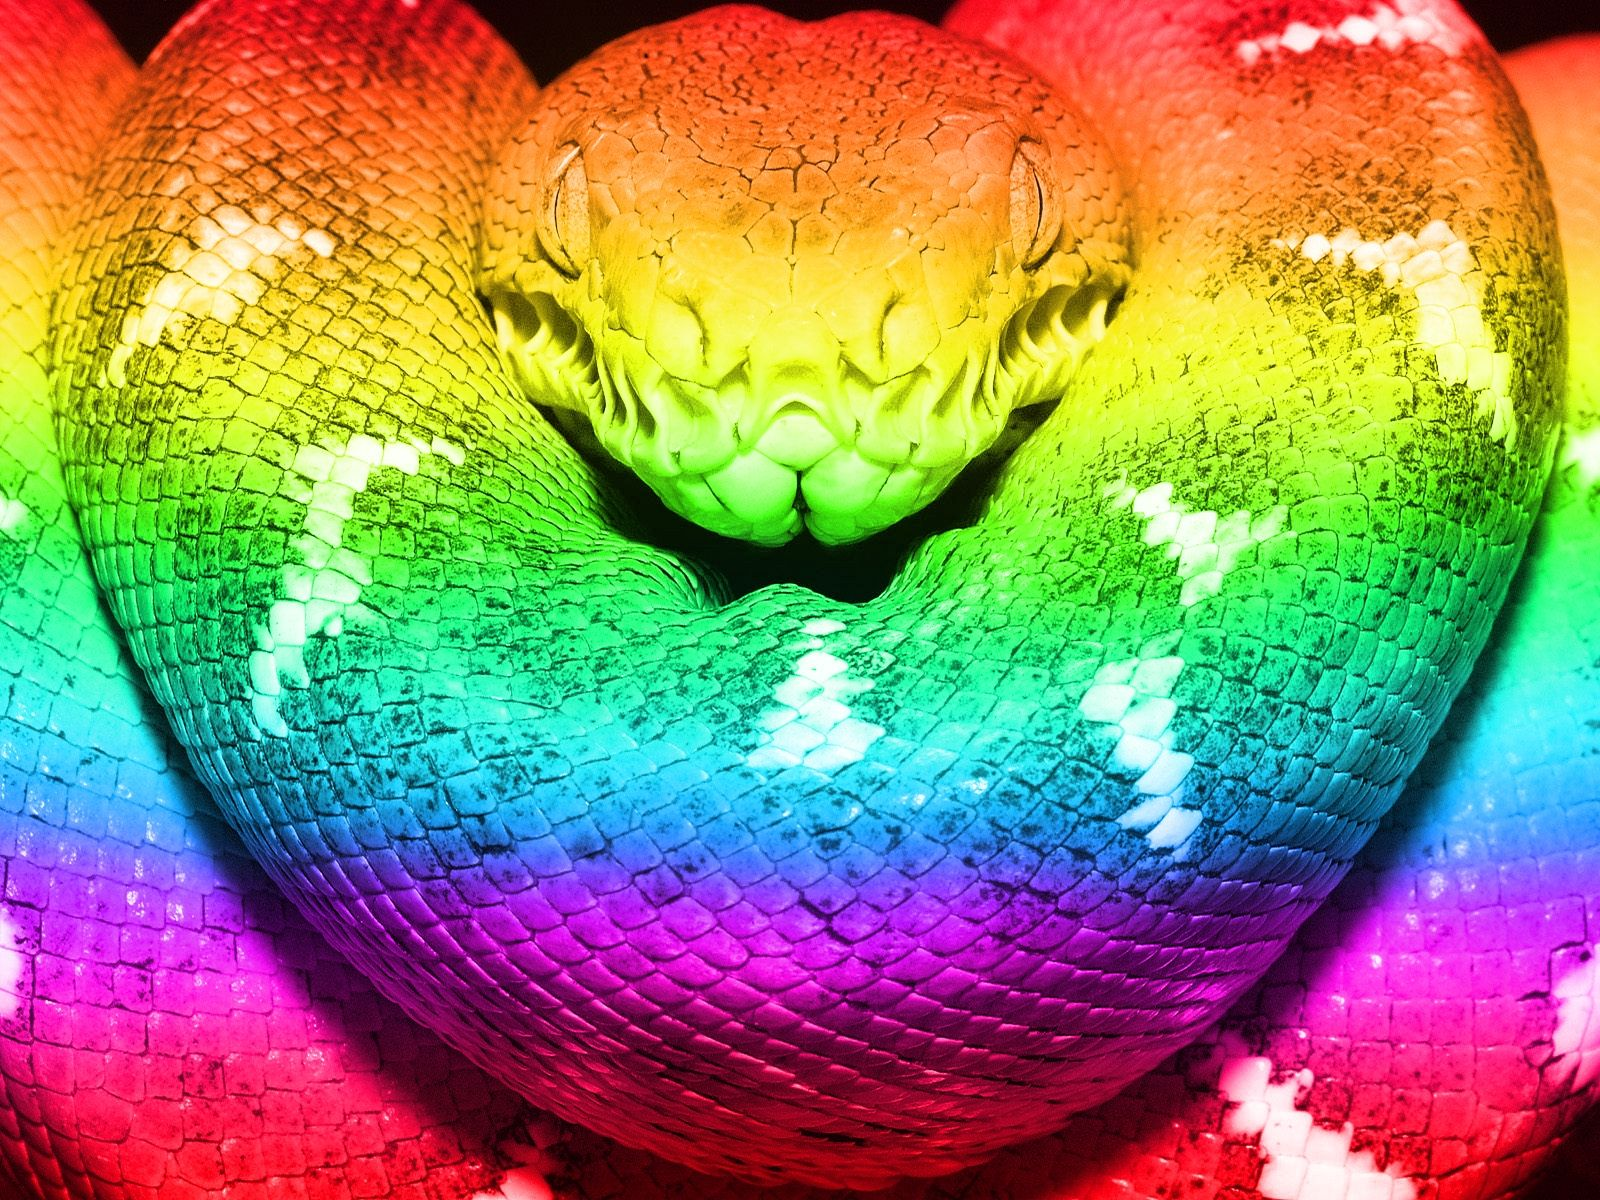 Rainbow Boa Color Rainbow Snake Wow | SNAKES | Pinterest ...